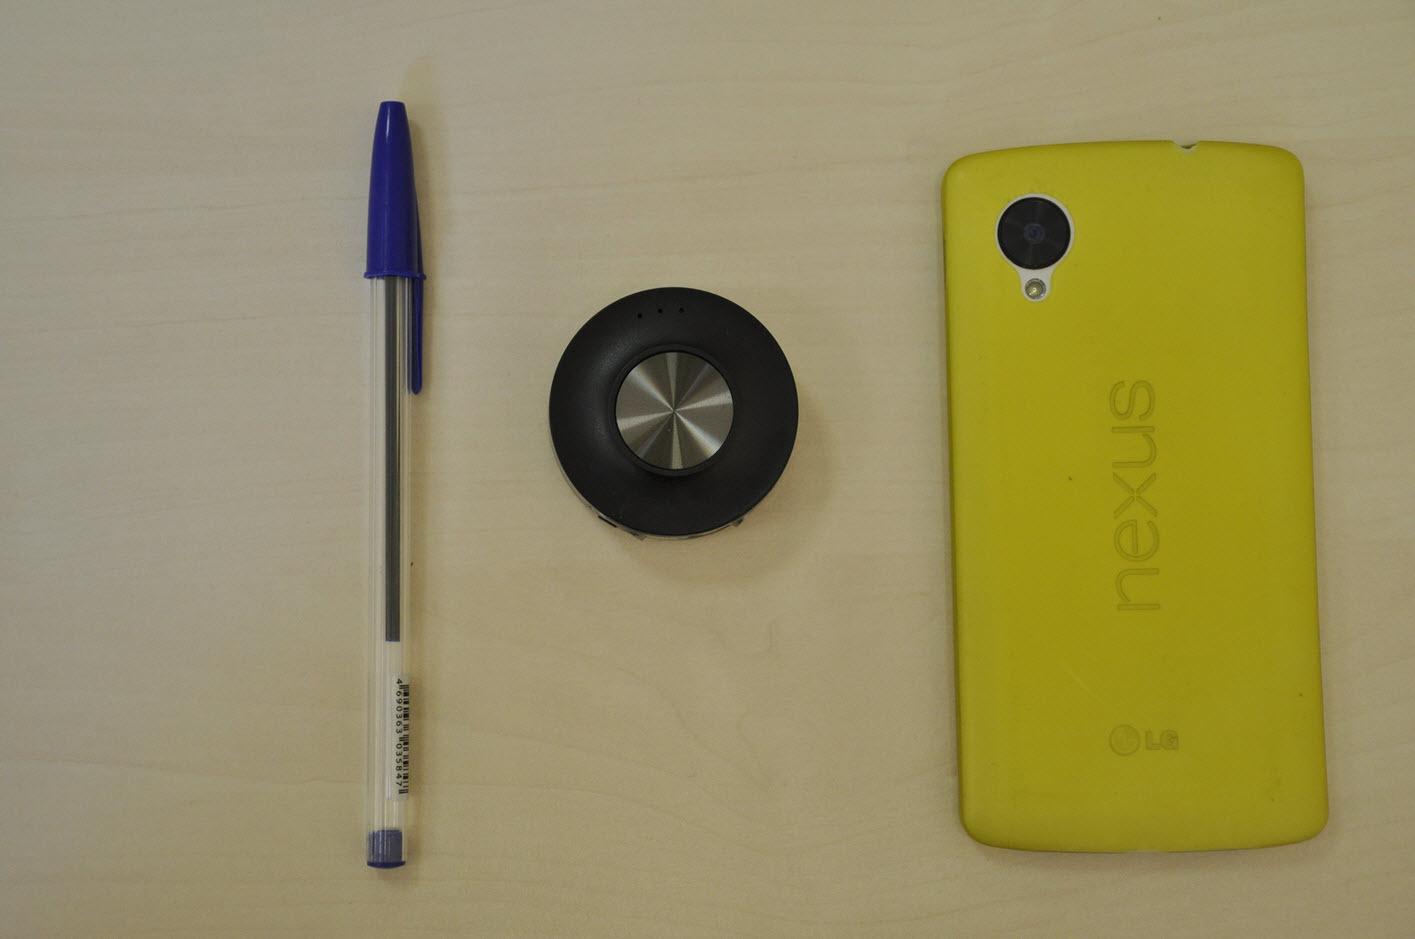 Обзор Bluetooth-ресивера Аудиомост и мысли о качестве передачи аудио по bluetooth в целом - 4